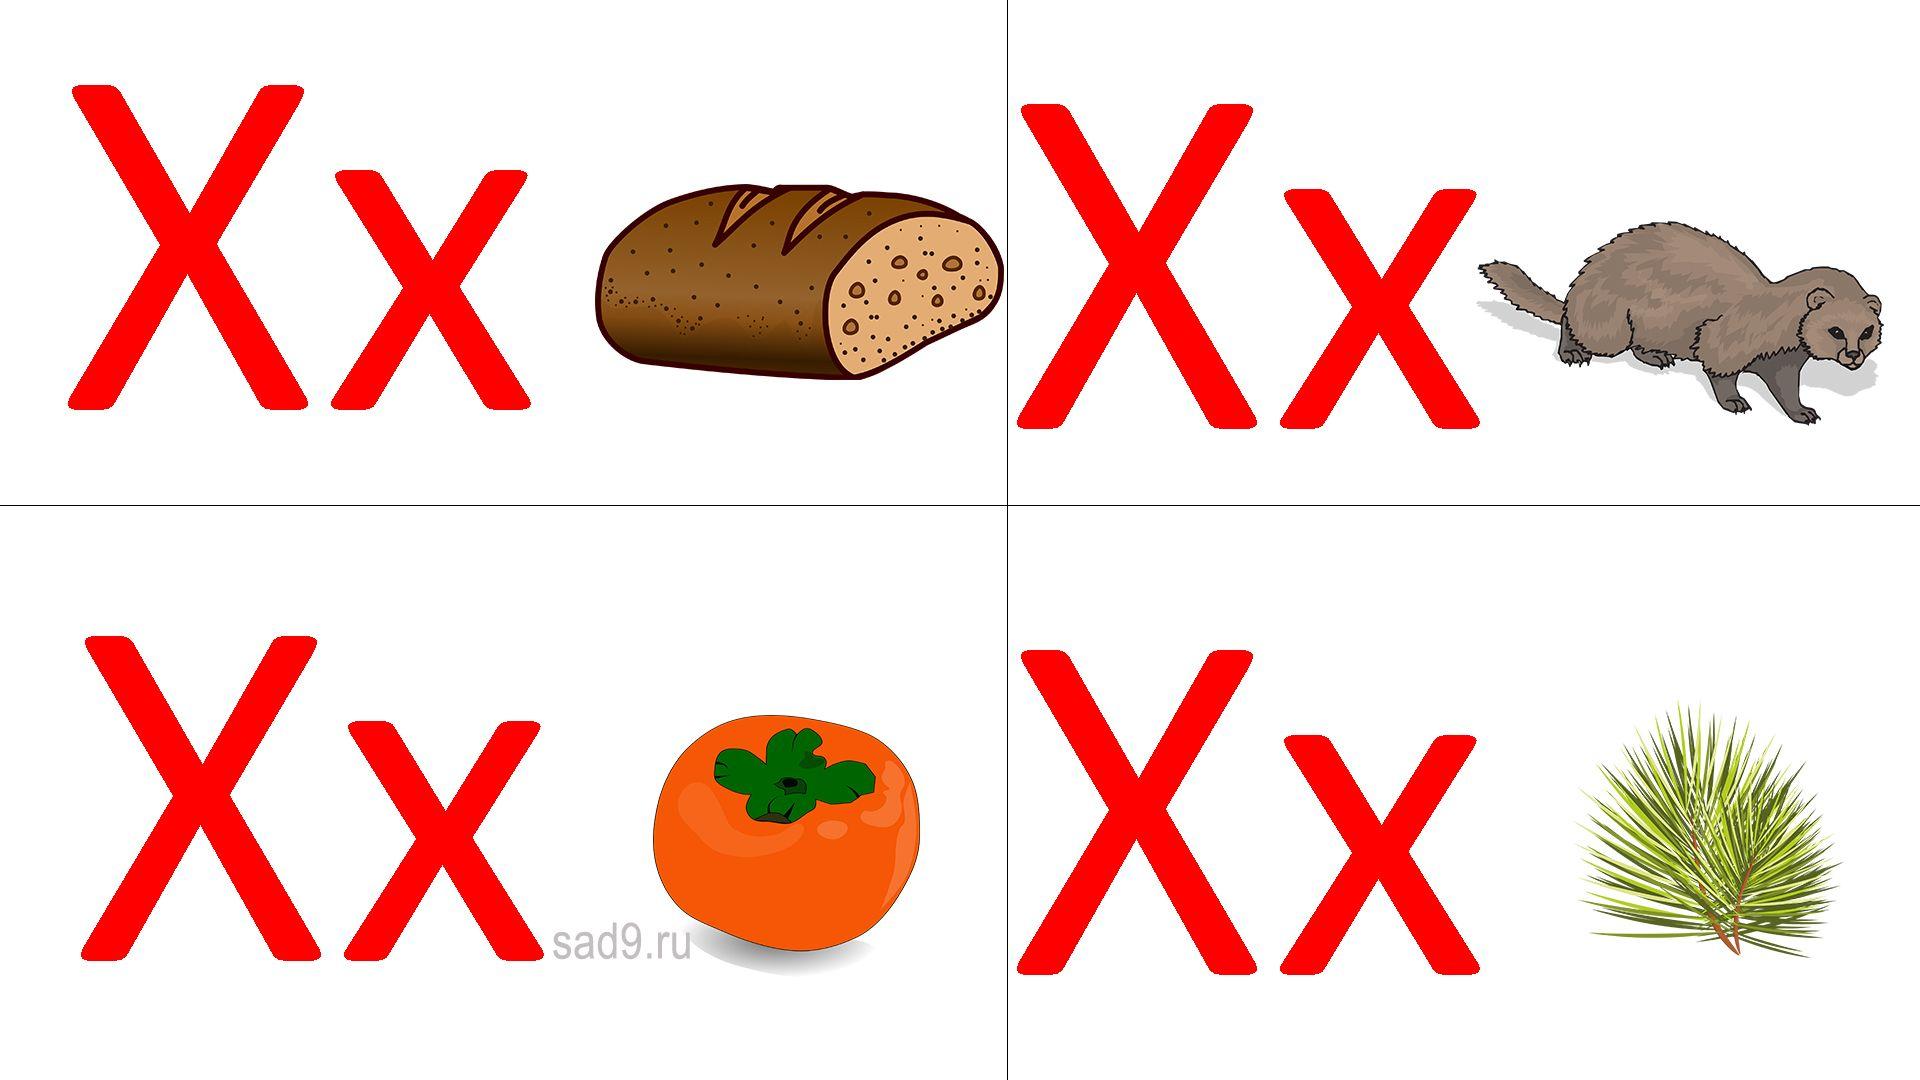 Учим букву Х, русский алфавит